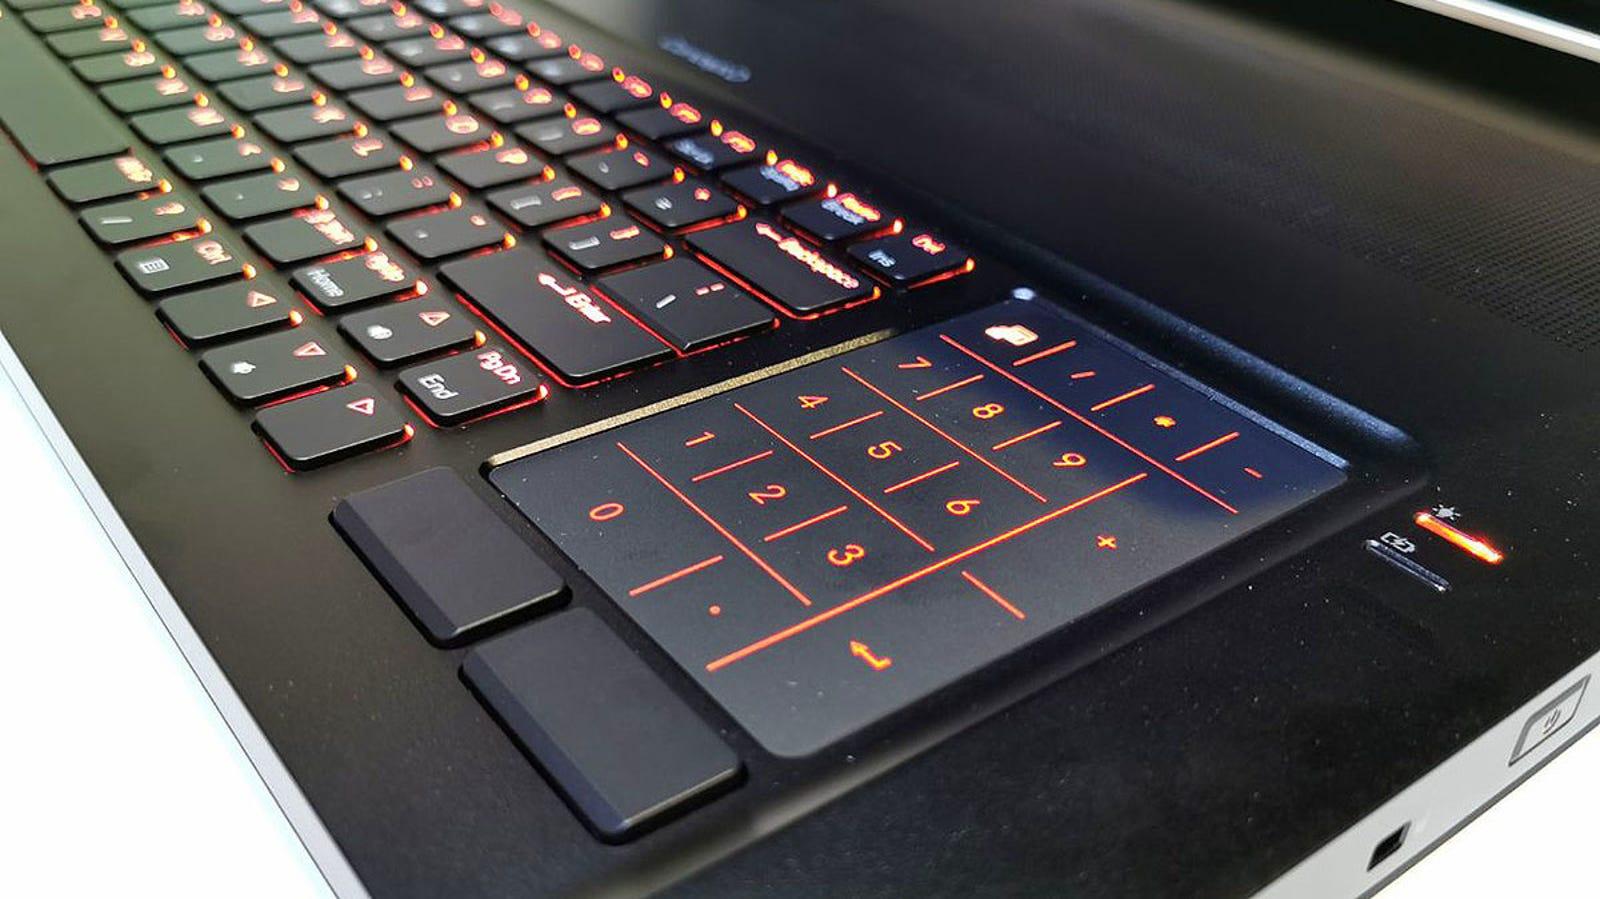 El Touchpad en modo teclado alfanumérico.